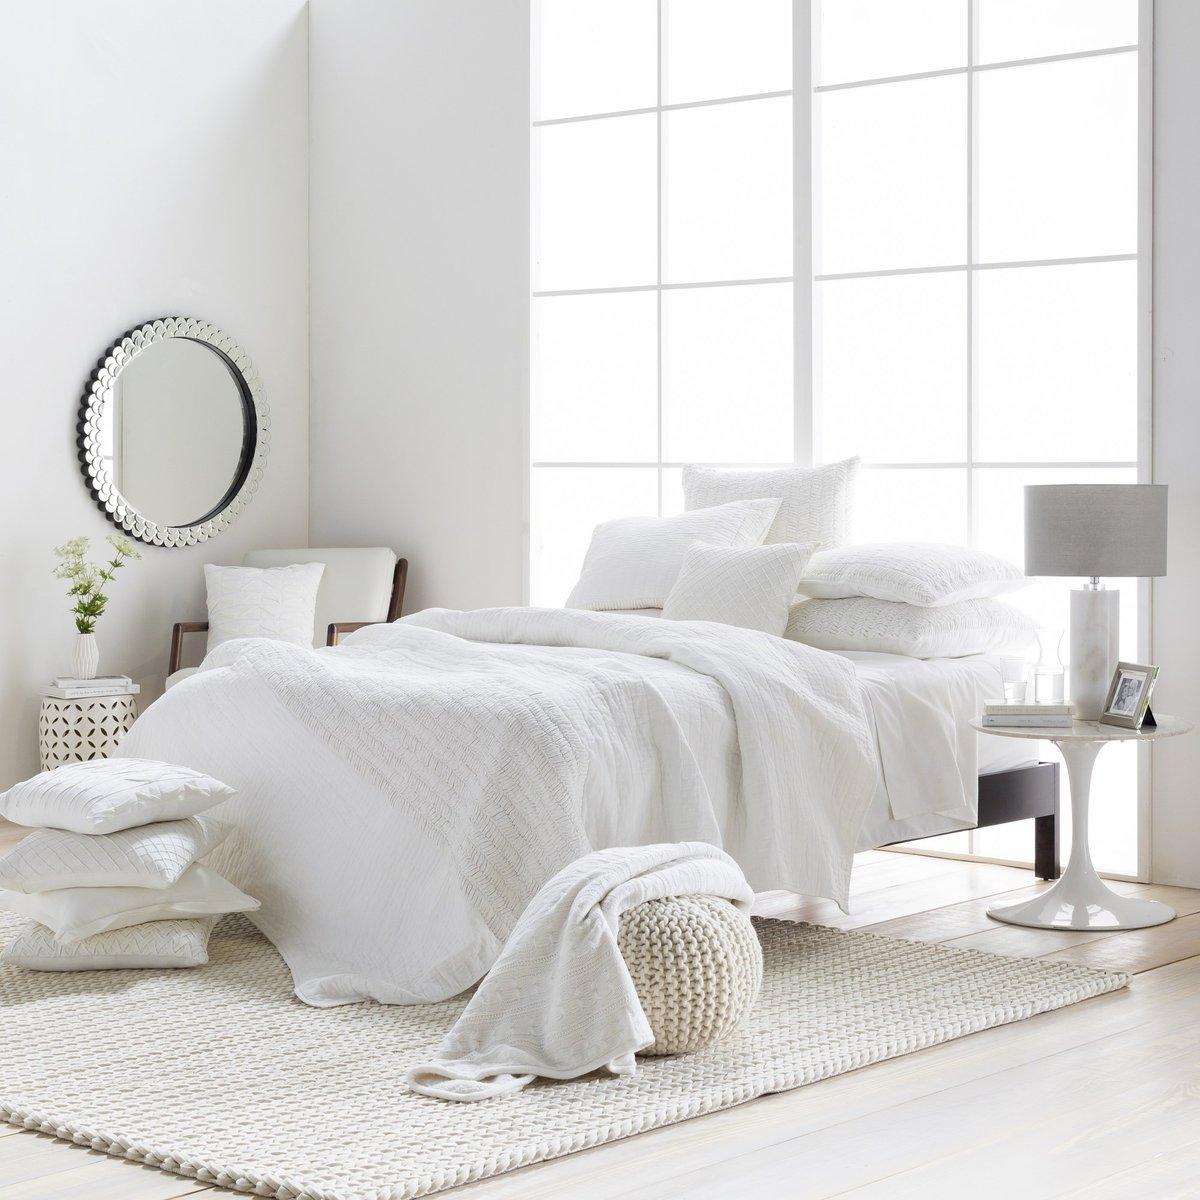 Zen-Like Luxury Bedroom Decor Ideas